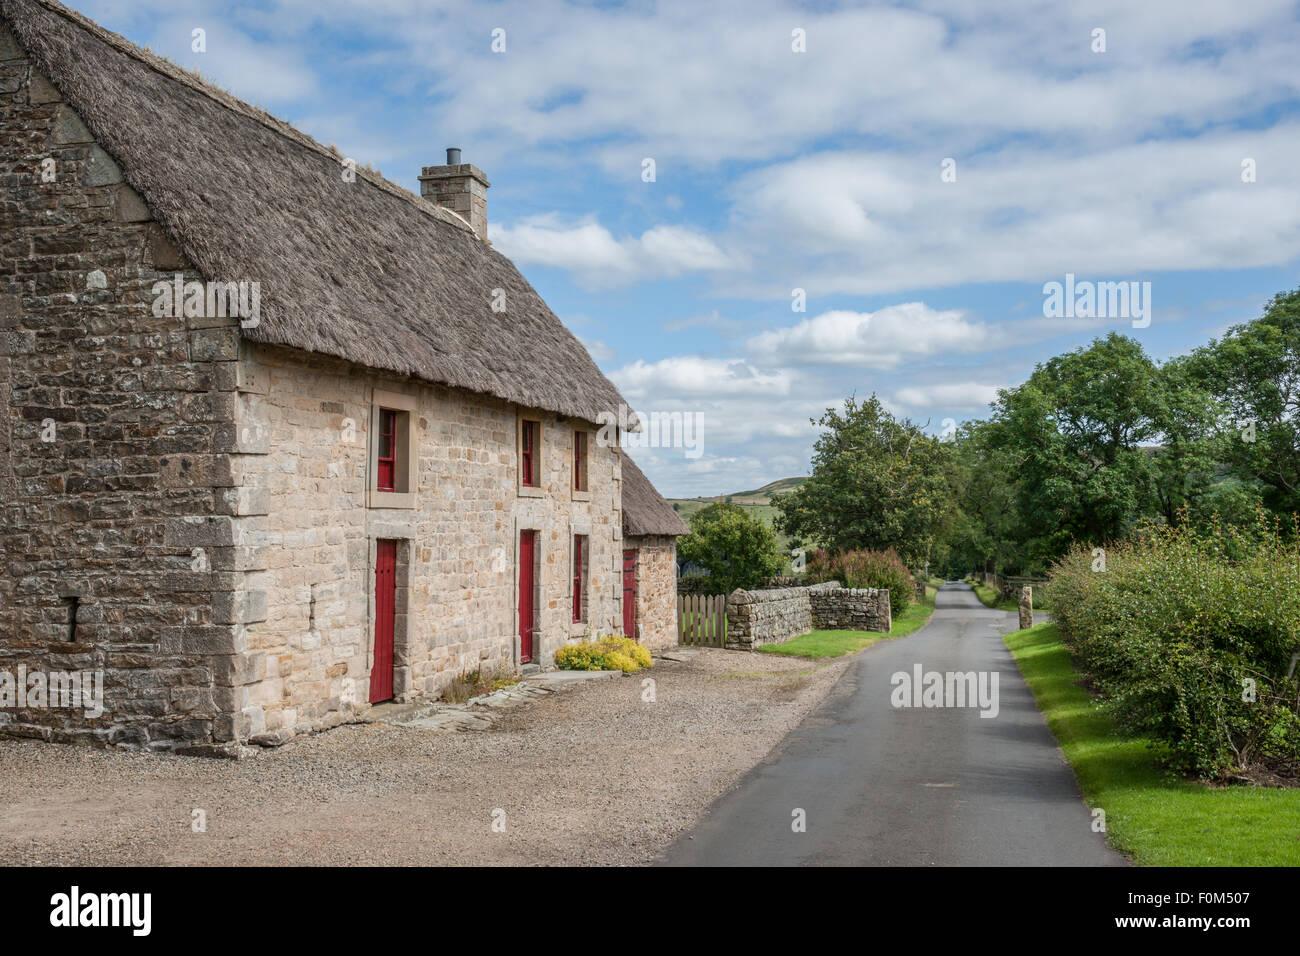 Maison au toit de chaume en anglais ventana blog - Maison en toit de chaume ...